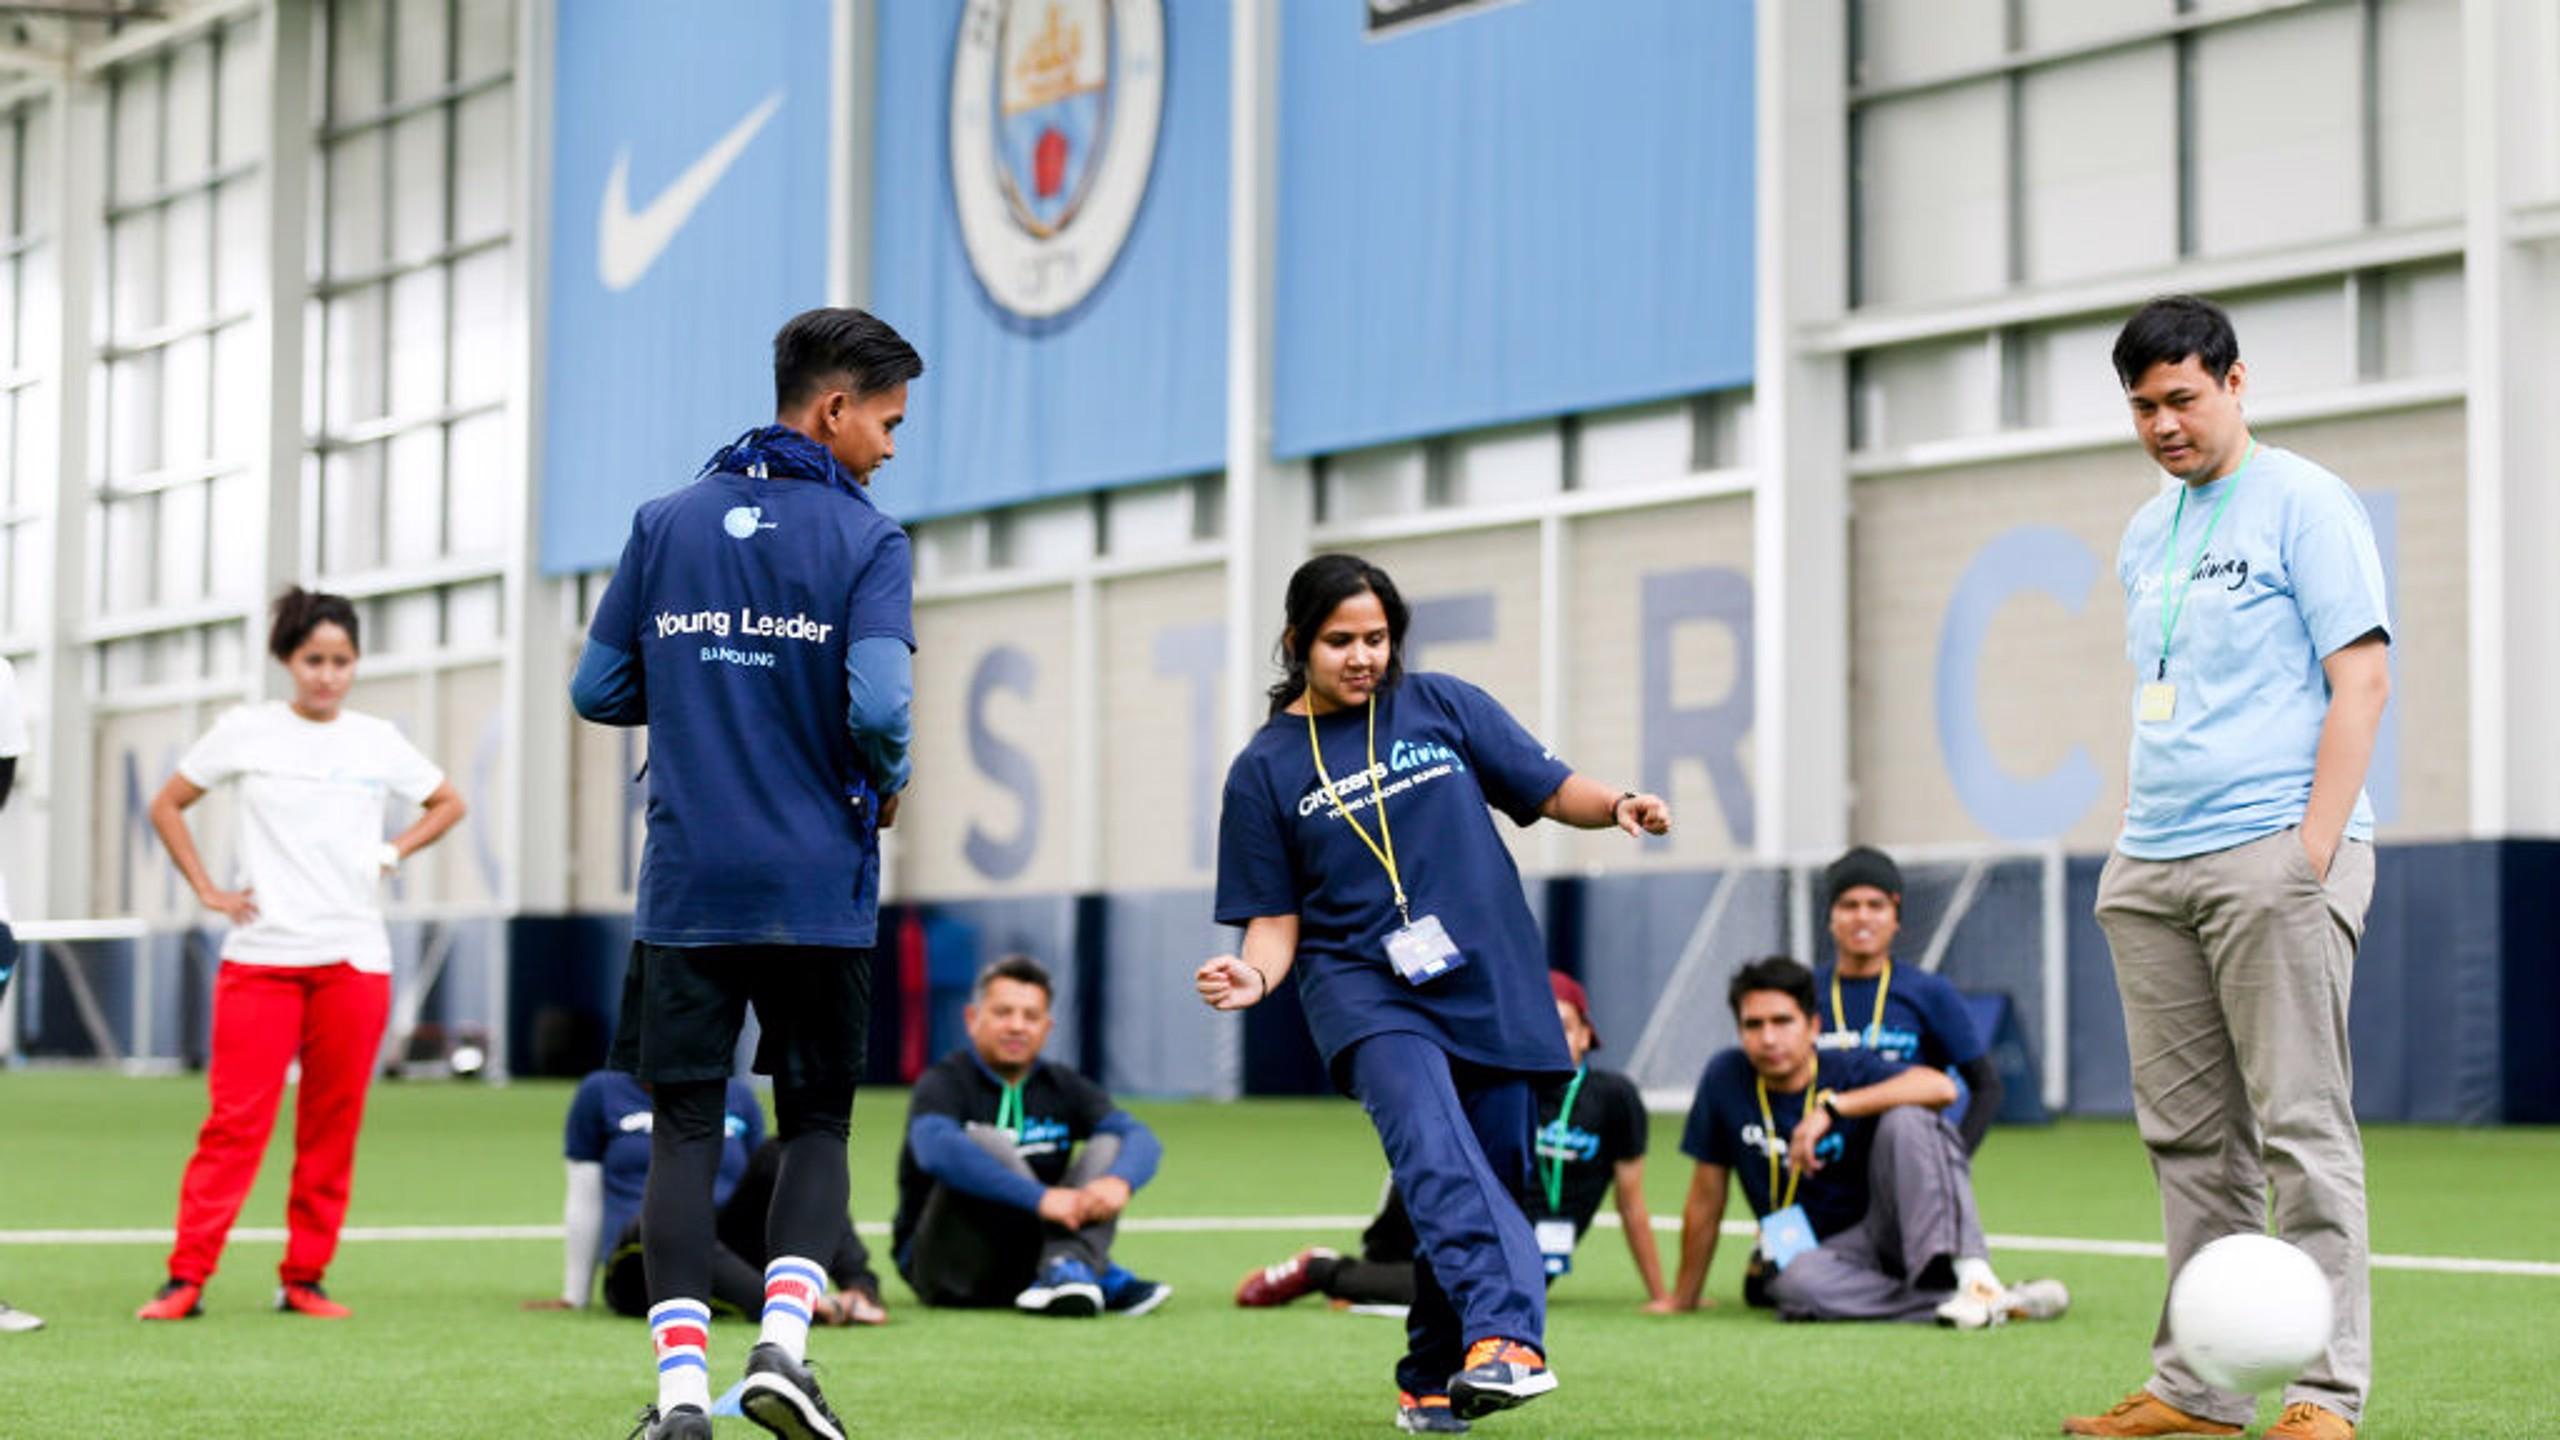 El proyecto ayuda a los jóvenes a utilizar el fútbol para cambiar su entorno.